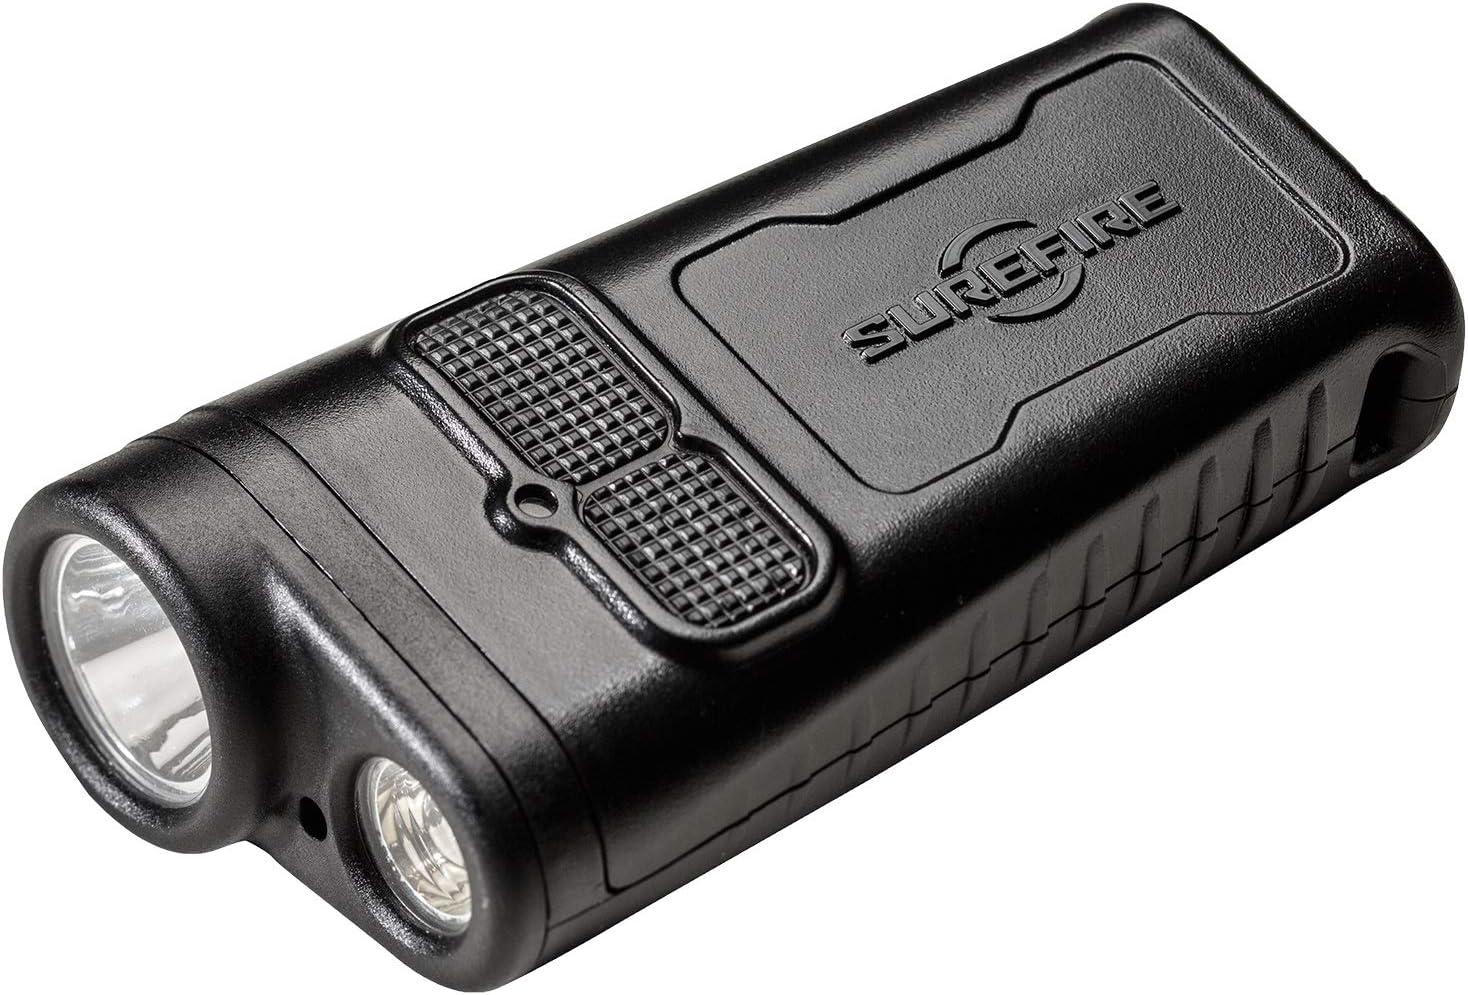 【国内正規品】 SUREFIRE(シュアファイア) LEDライト 明るさ1000ルーメン GUARDIAN 自動調光機能搭載 充電式 LEDフラッシュライト DBR